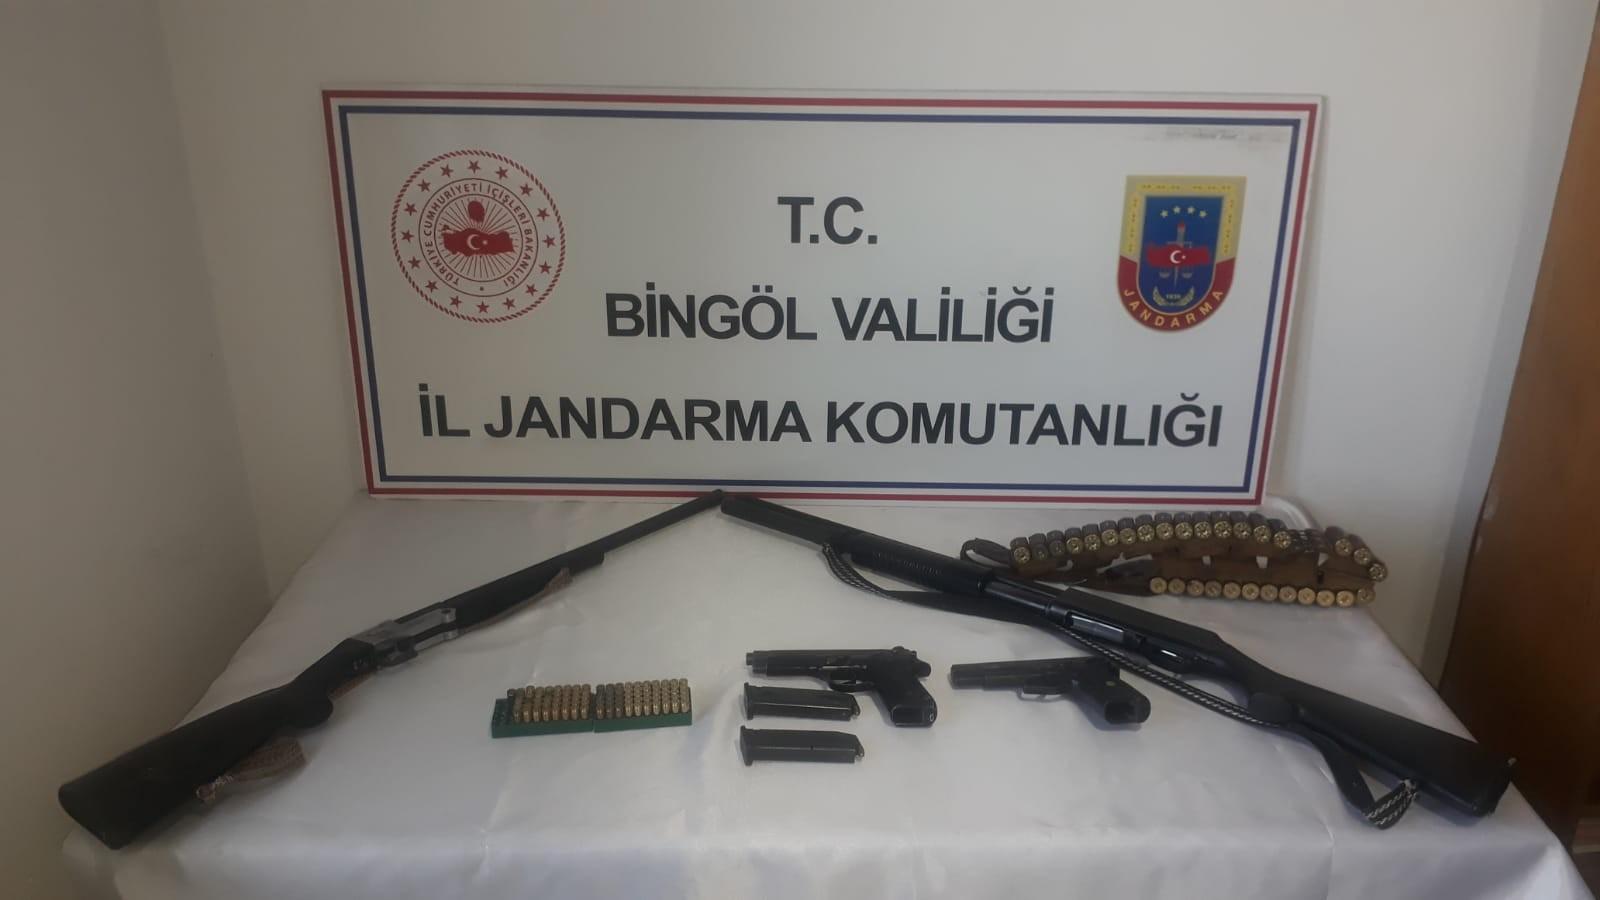 Bingöl'de Bir Evde Silah Ele Geçirildi